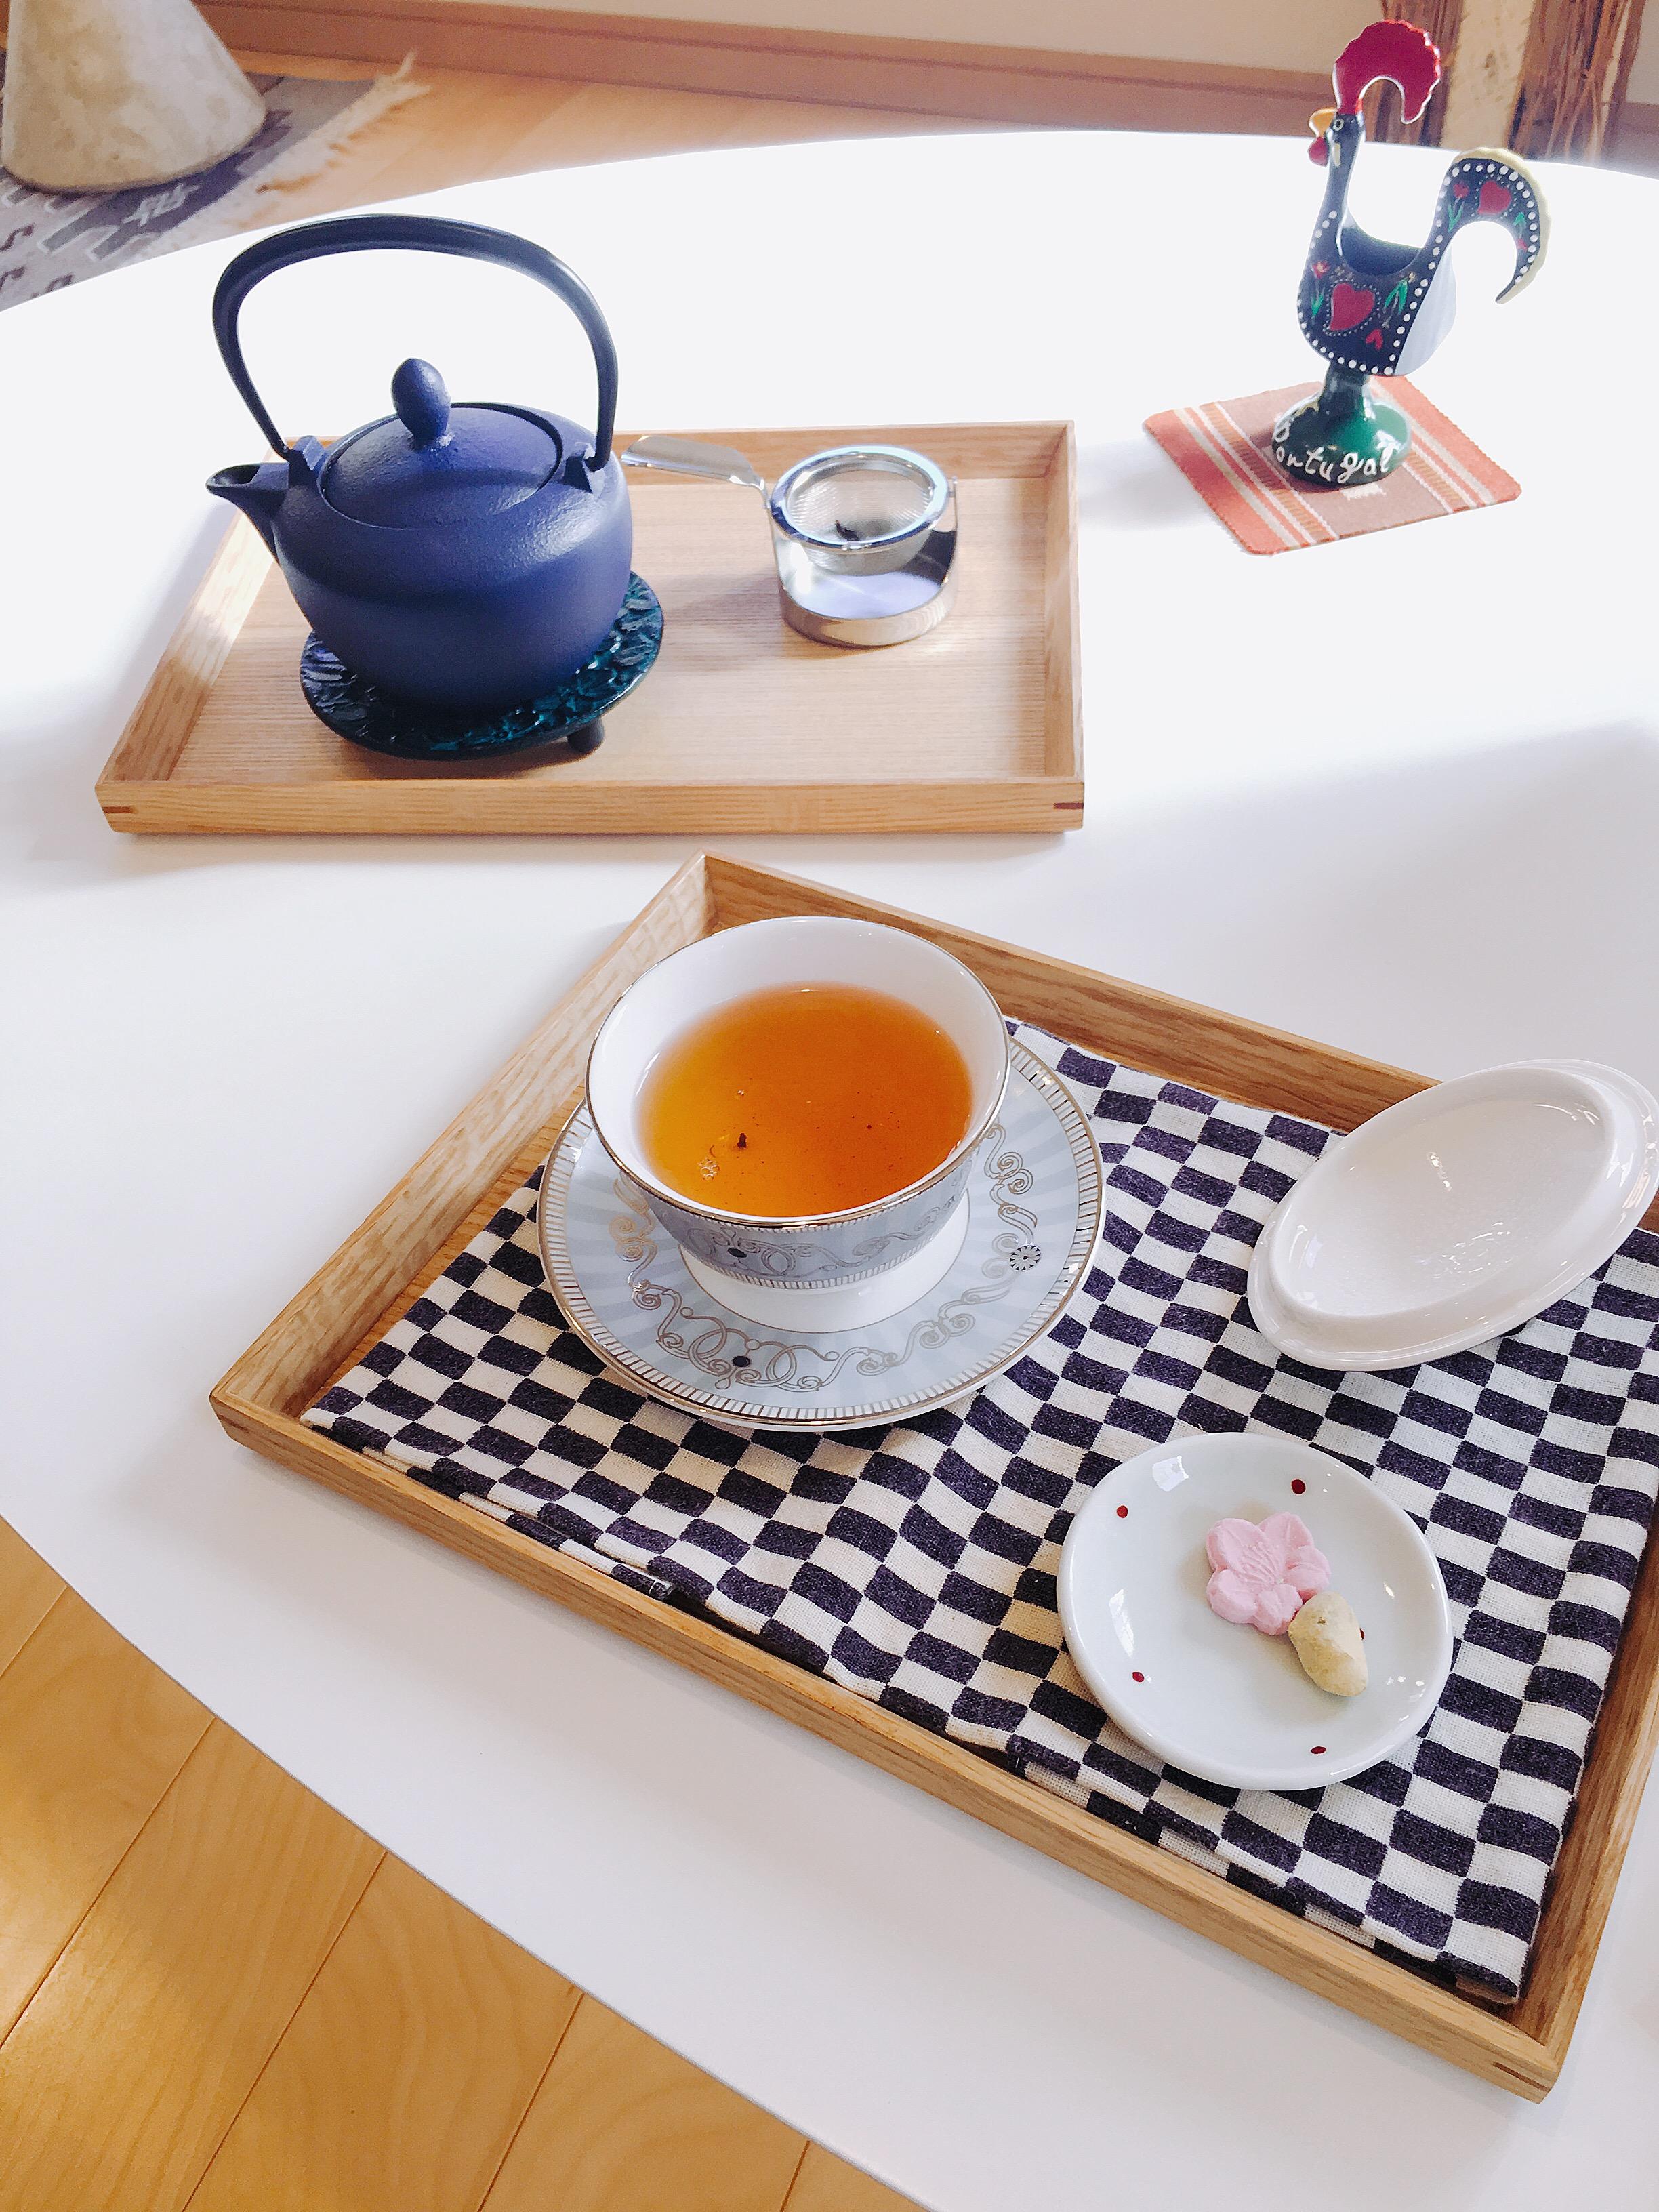 日本文化を英語で説明しよう! 茶道編〜わびさびってどういう意味?〜